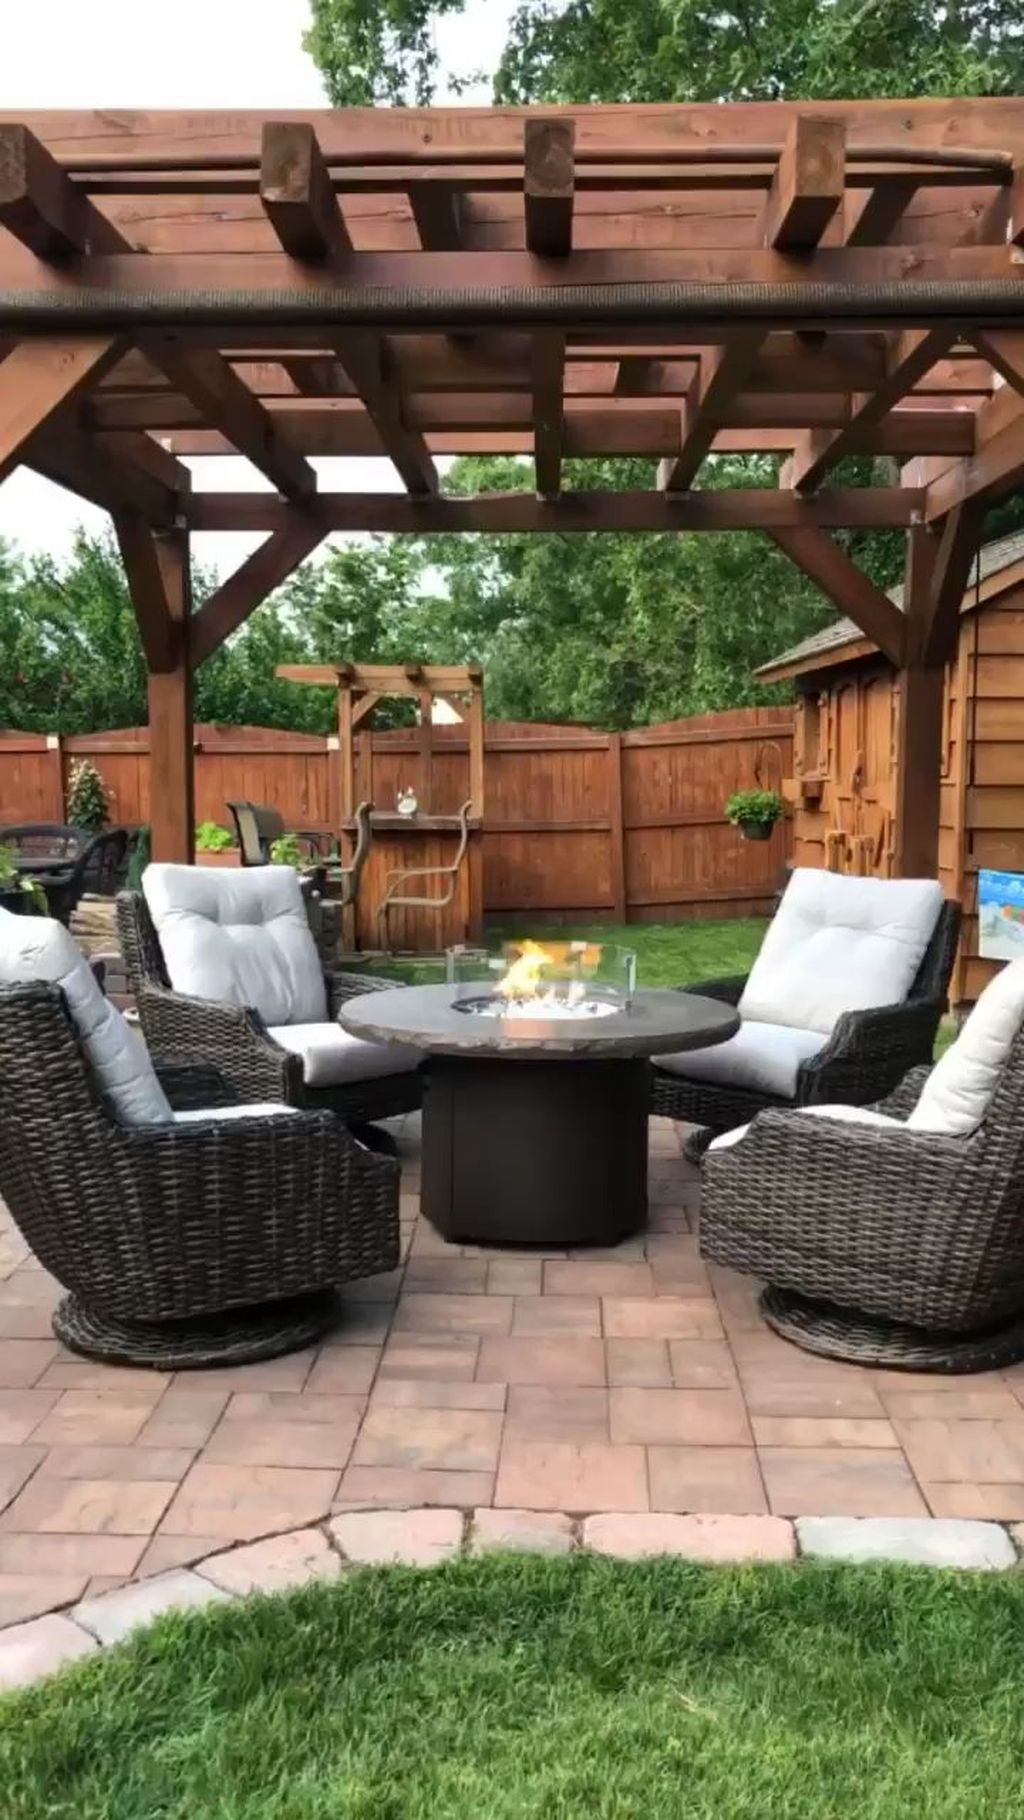 Inspiring Pergola Patio Design Ideas For Your Backyard Decor 29